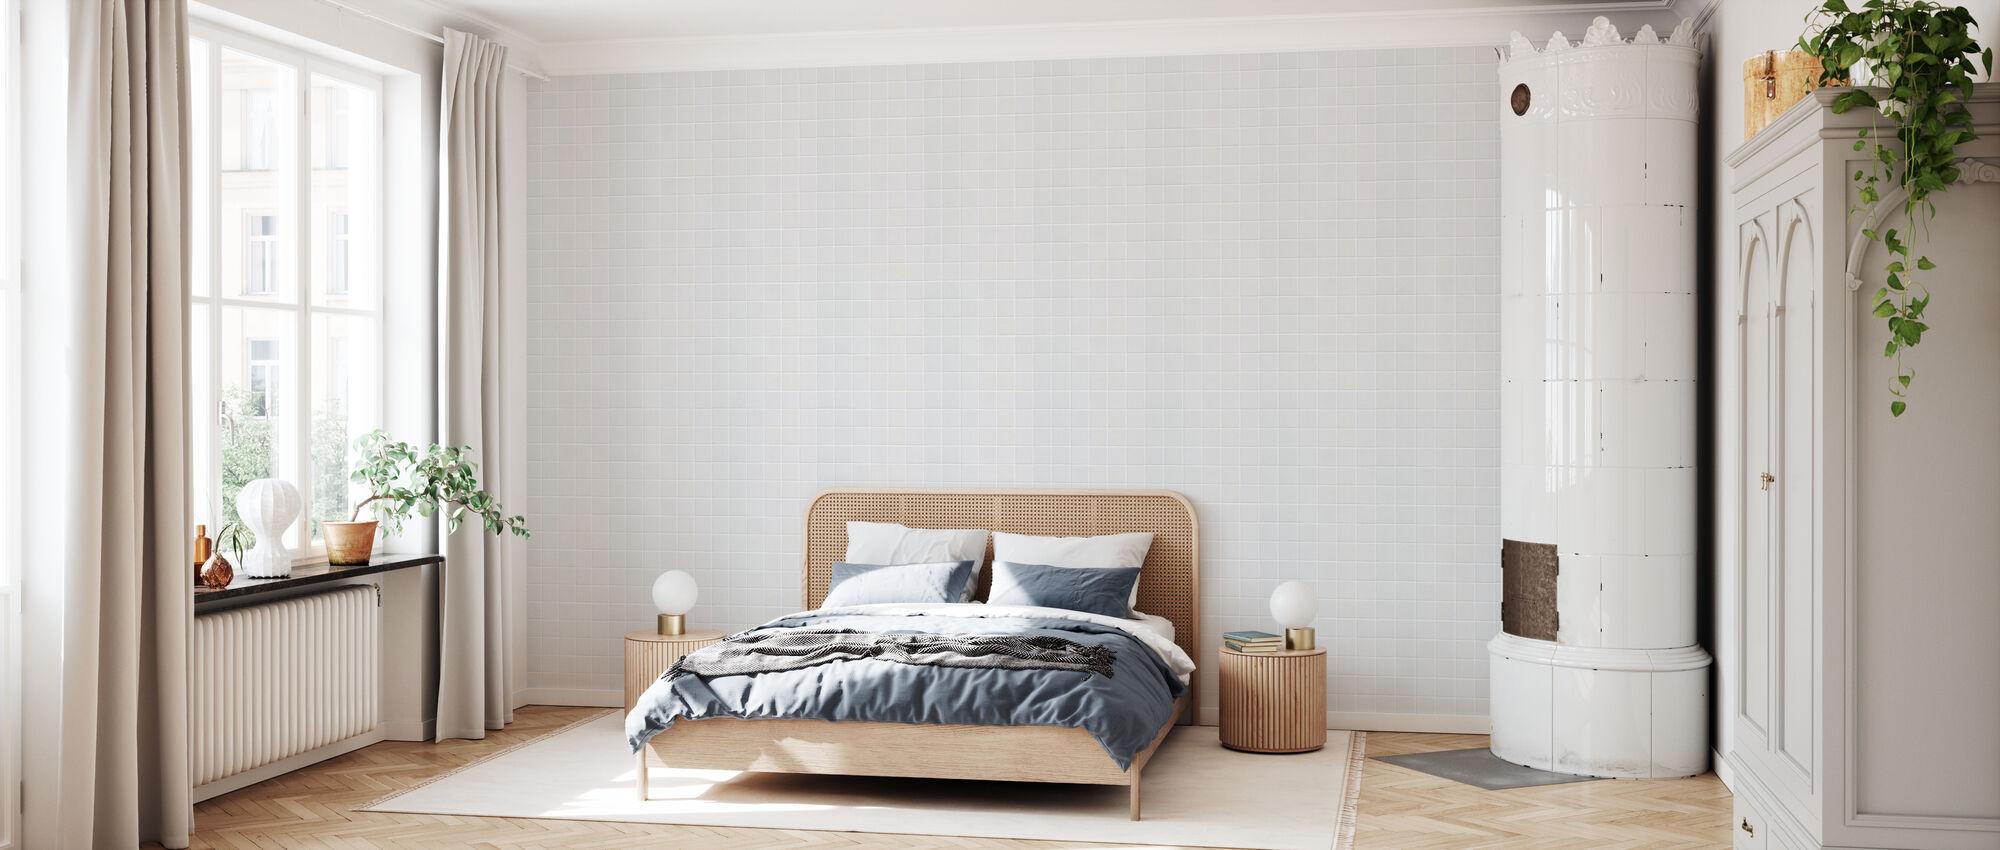 White Ceramic Tiles - 15x15 - Wallpaper - Bedroom